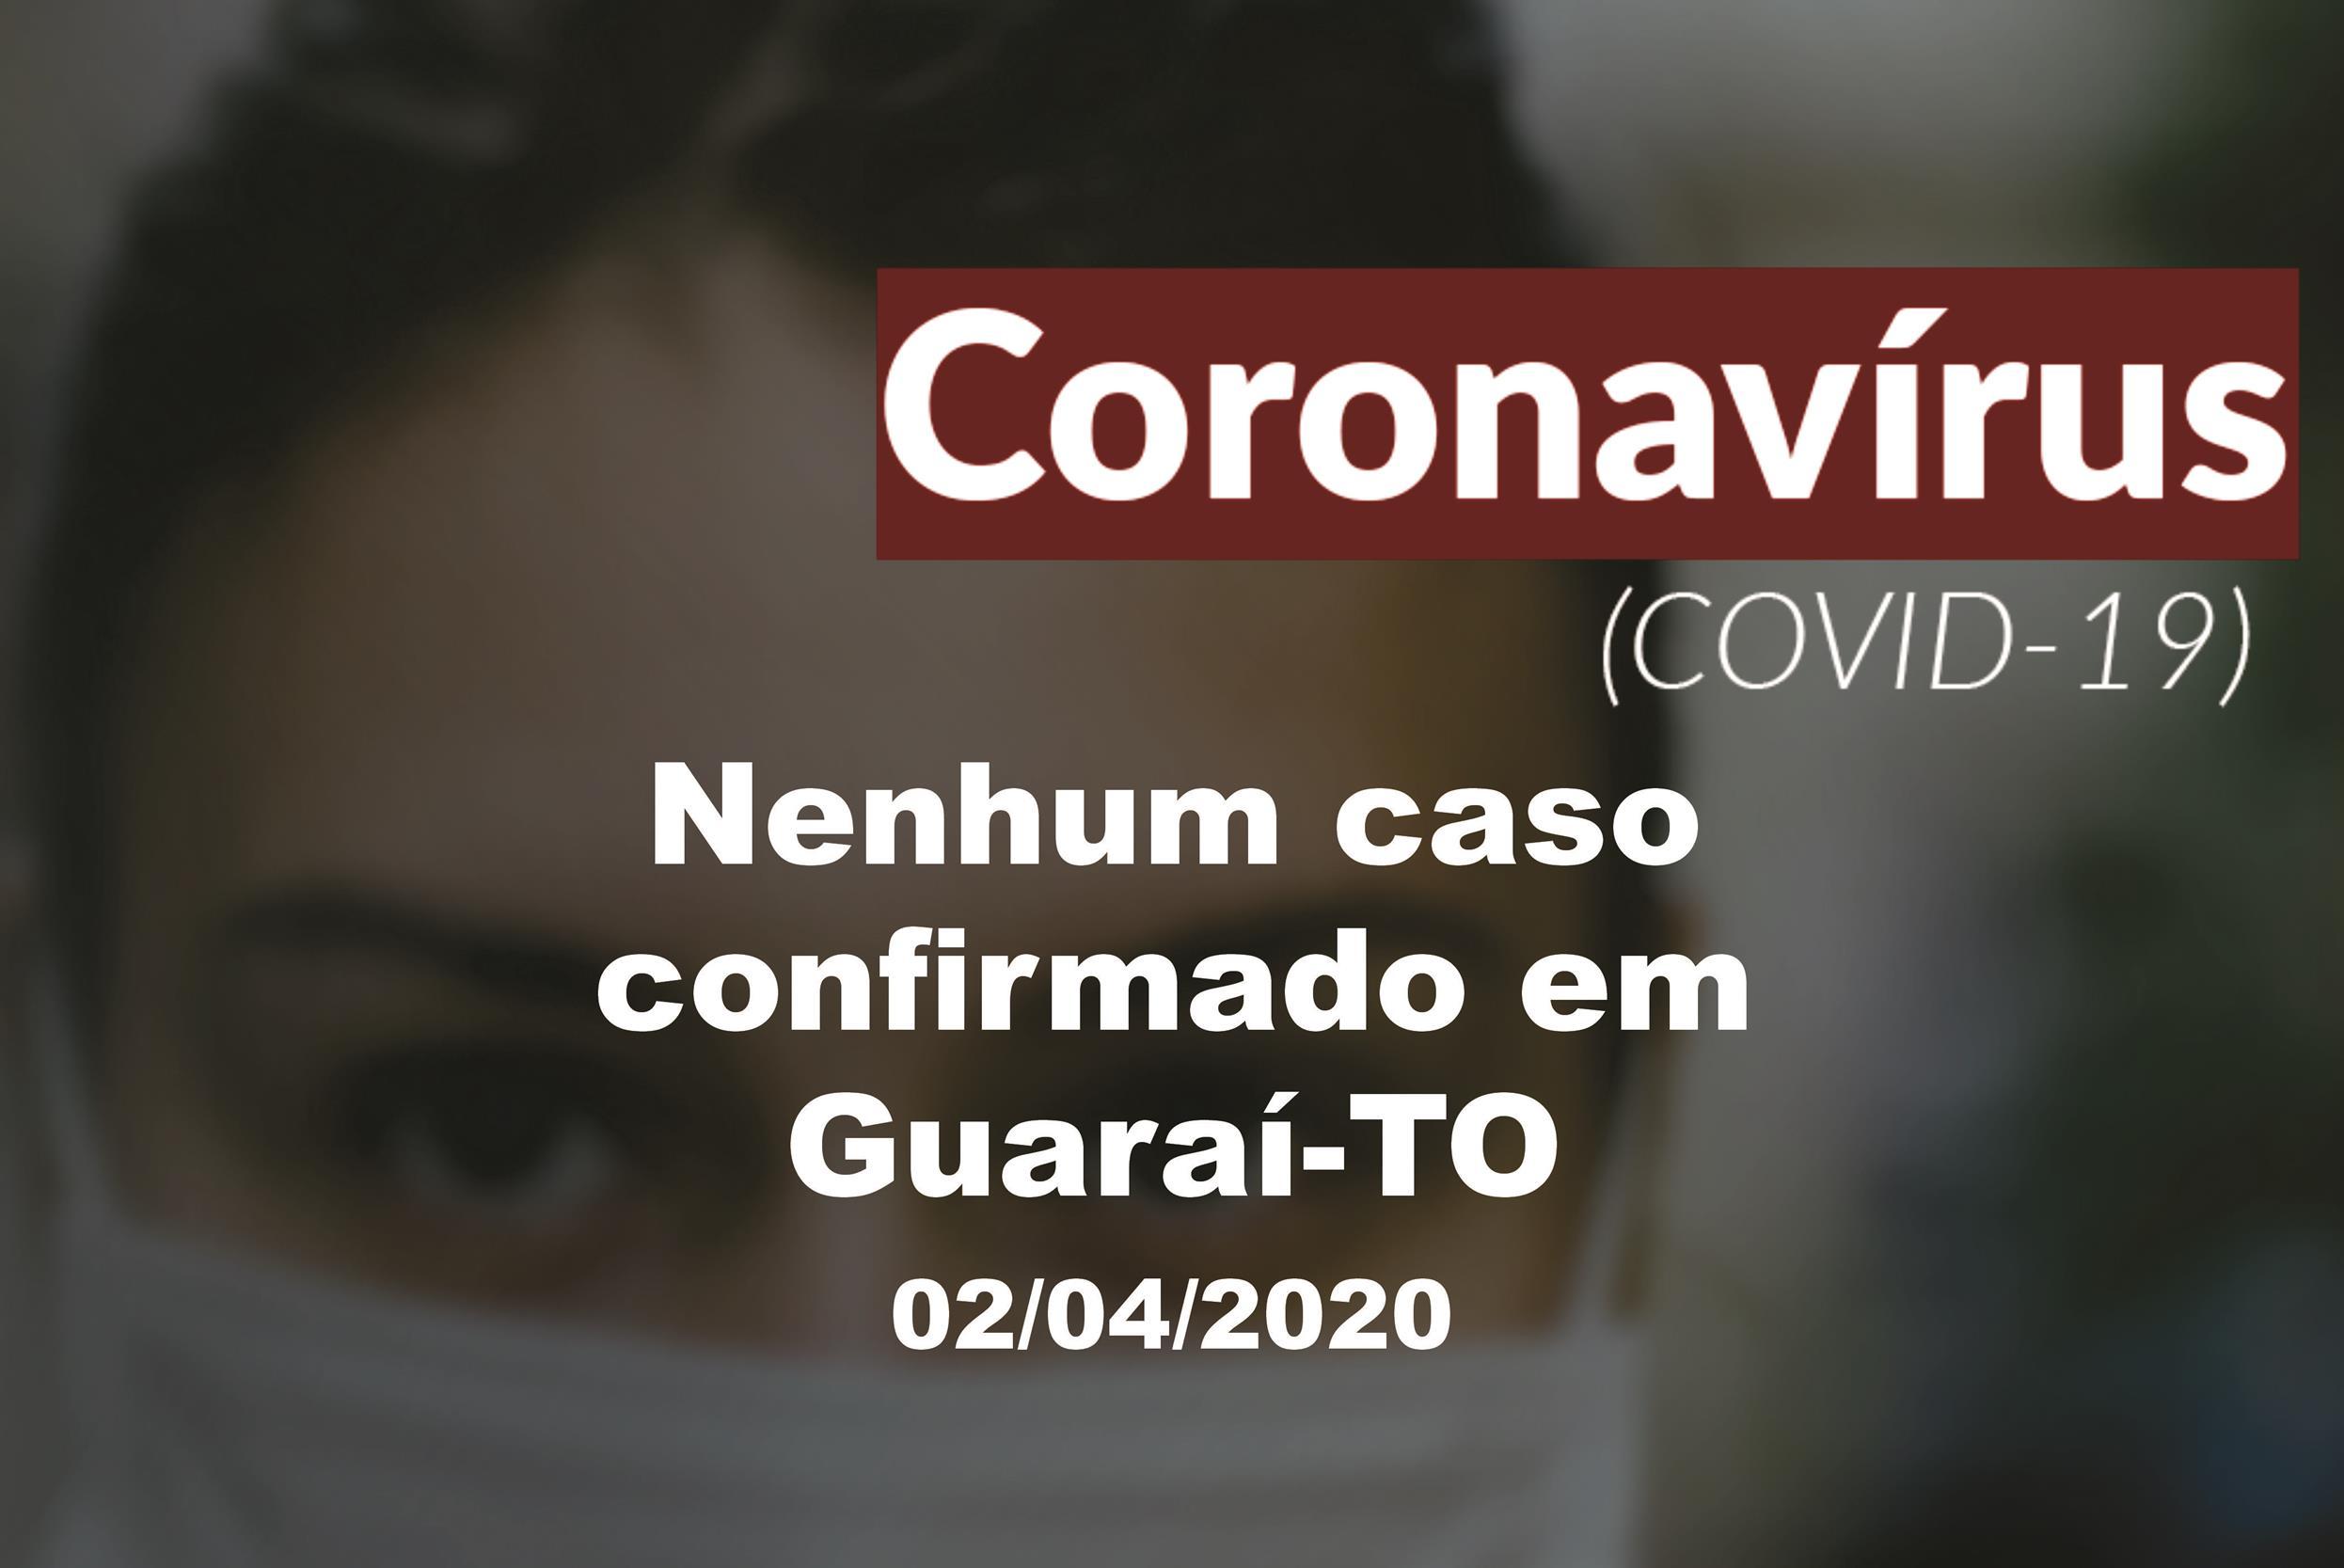 Das 27 suspeitas de Covid-19 em Guaraí, 23 não passaram por exame e 4 foram descartadas